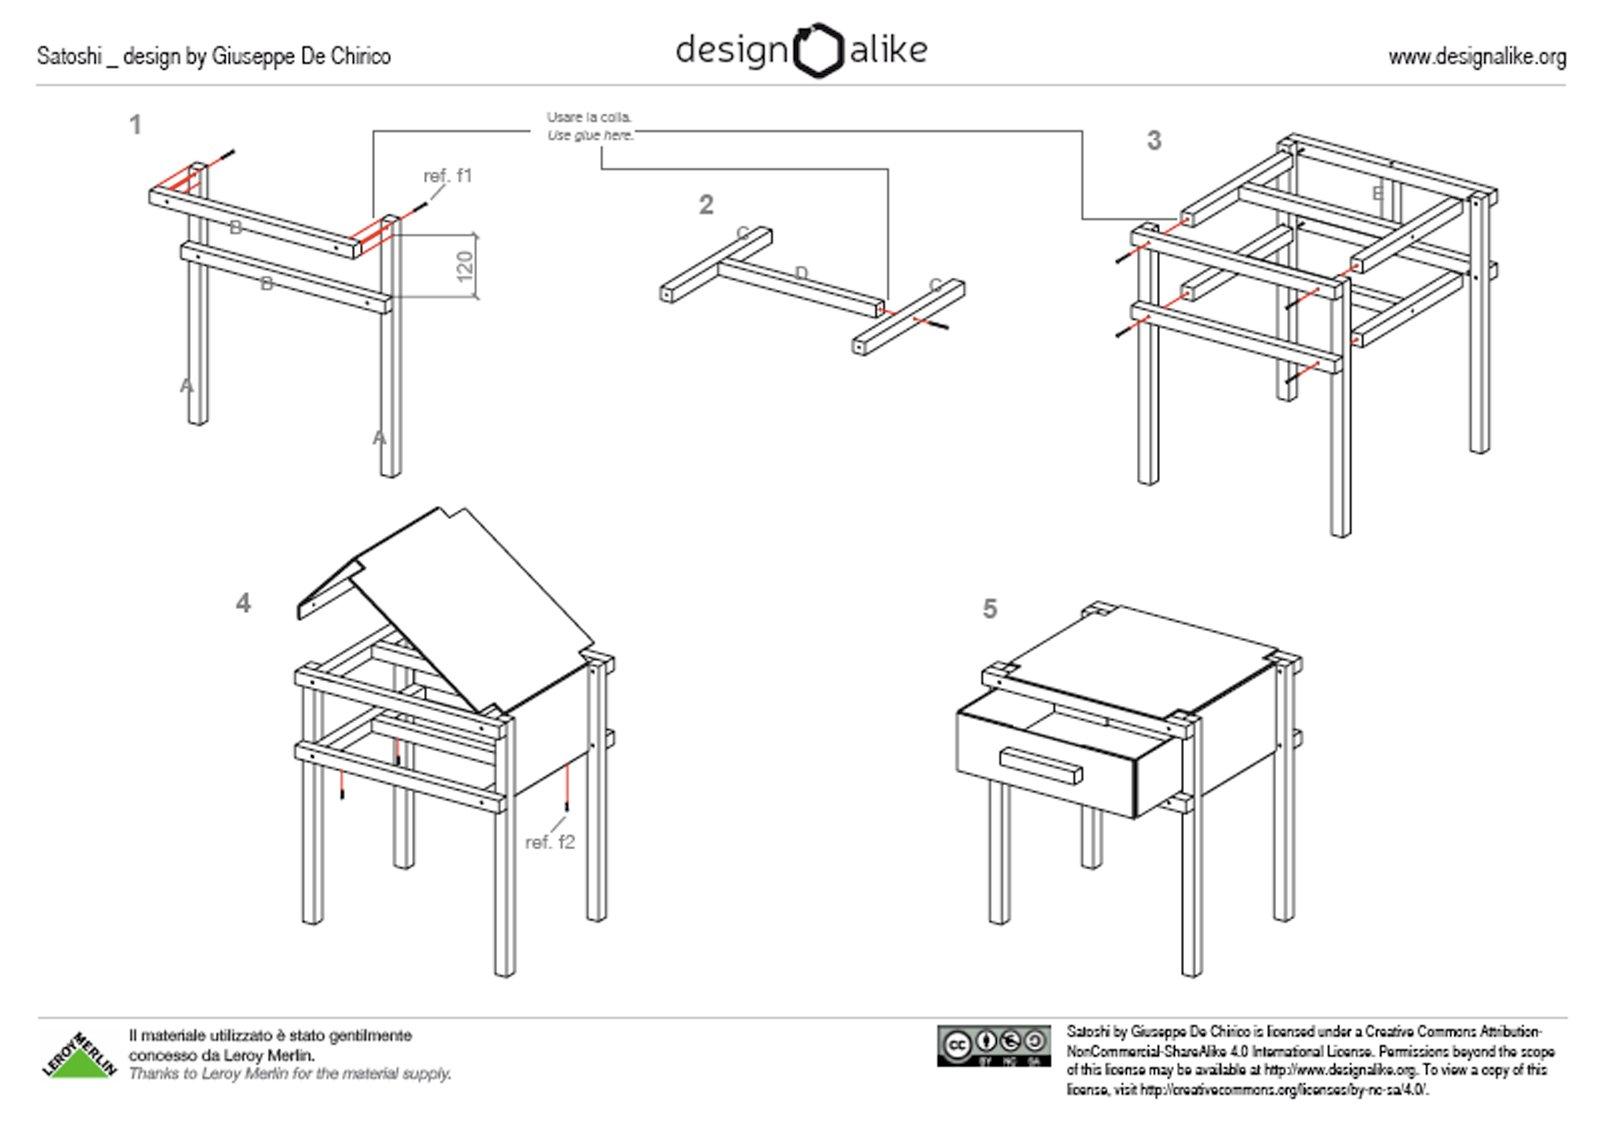 Fai da te oggetti di design contemporaneo da copiare for Lastre alluminio leroy merlin